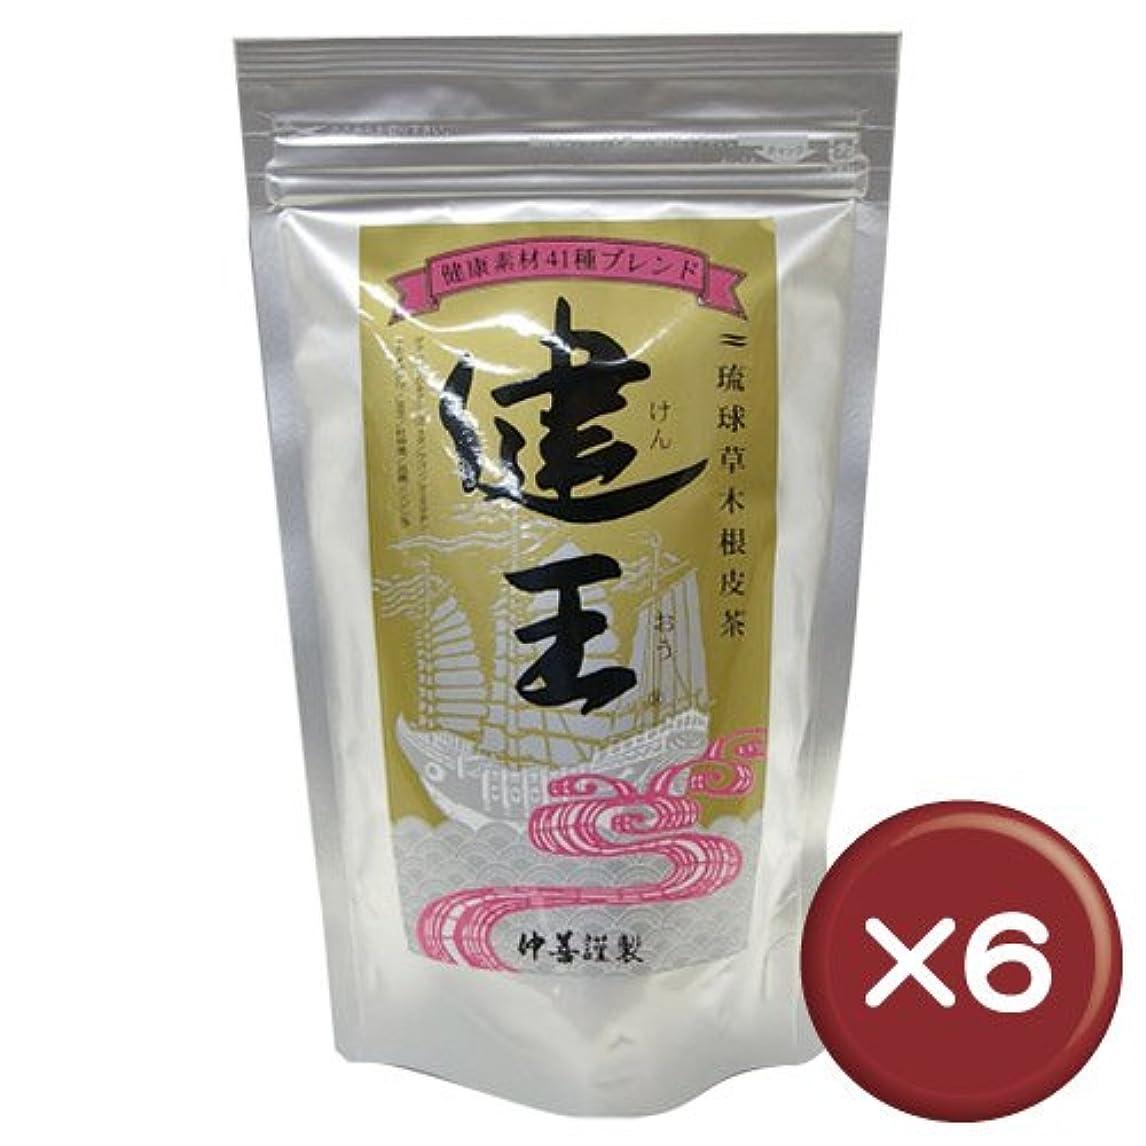 不十分他にしおれた琉球草木根皮茶 健王 ティーバッグ 2g×30包 6個セット